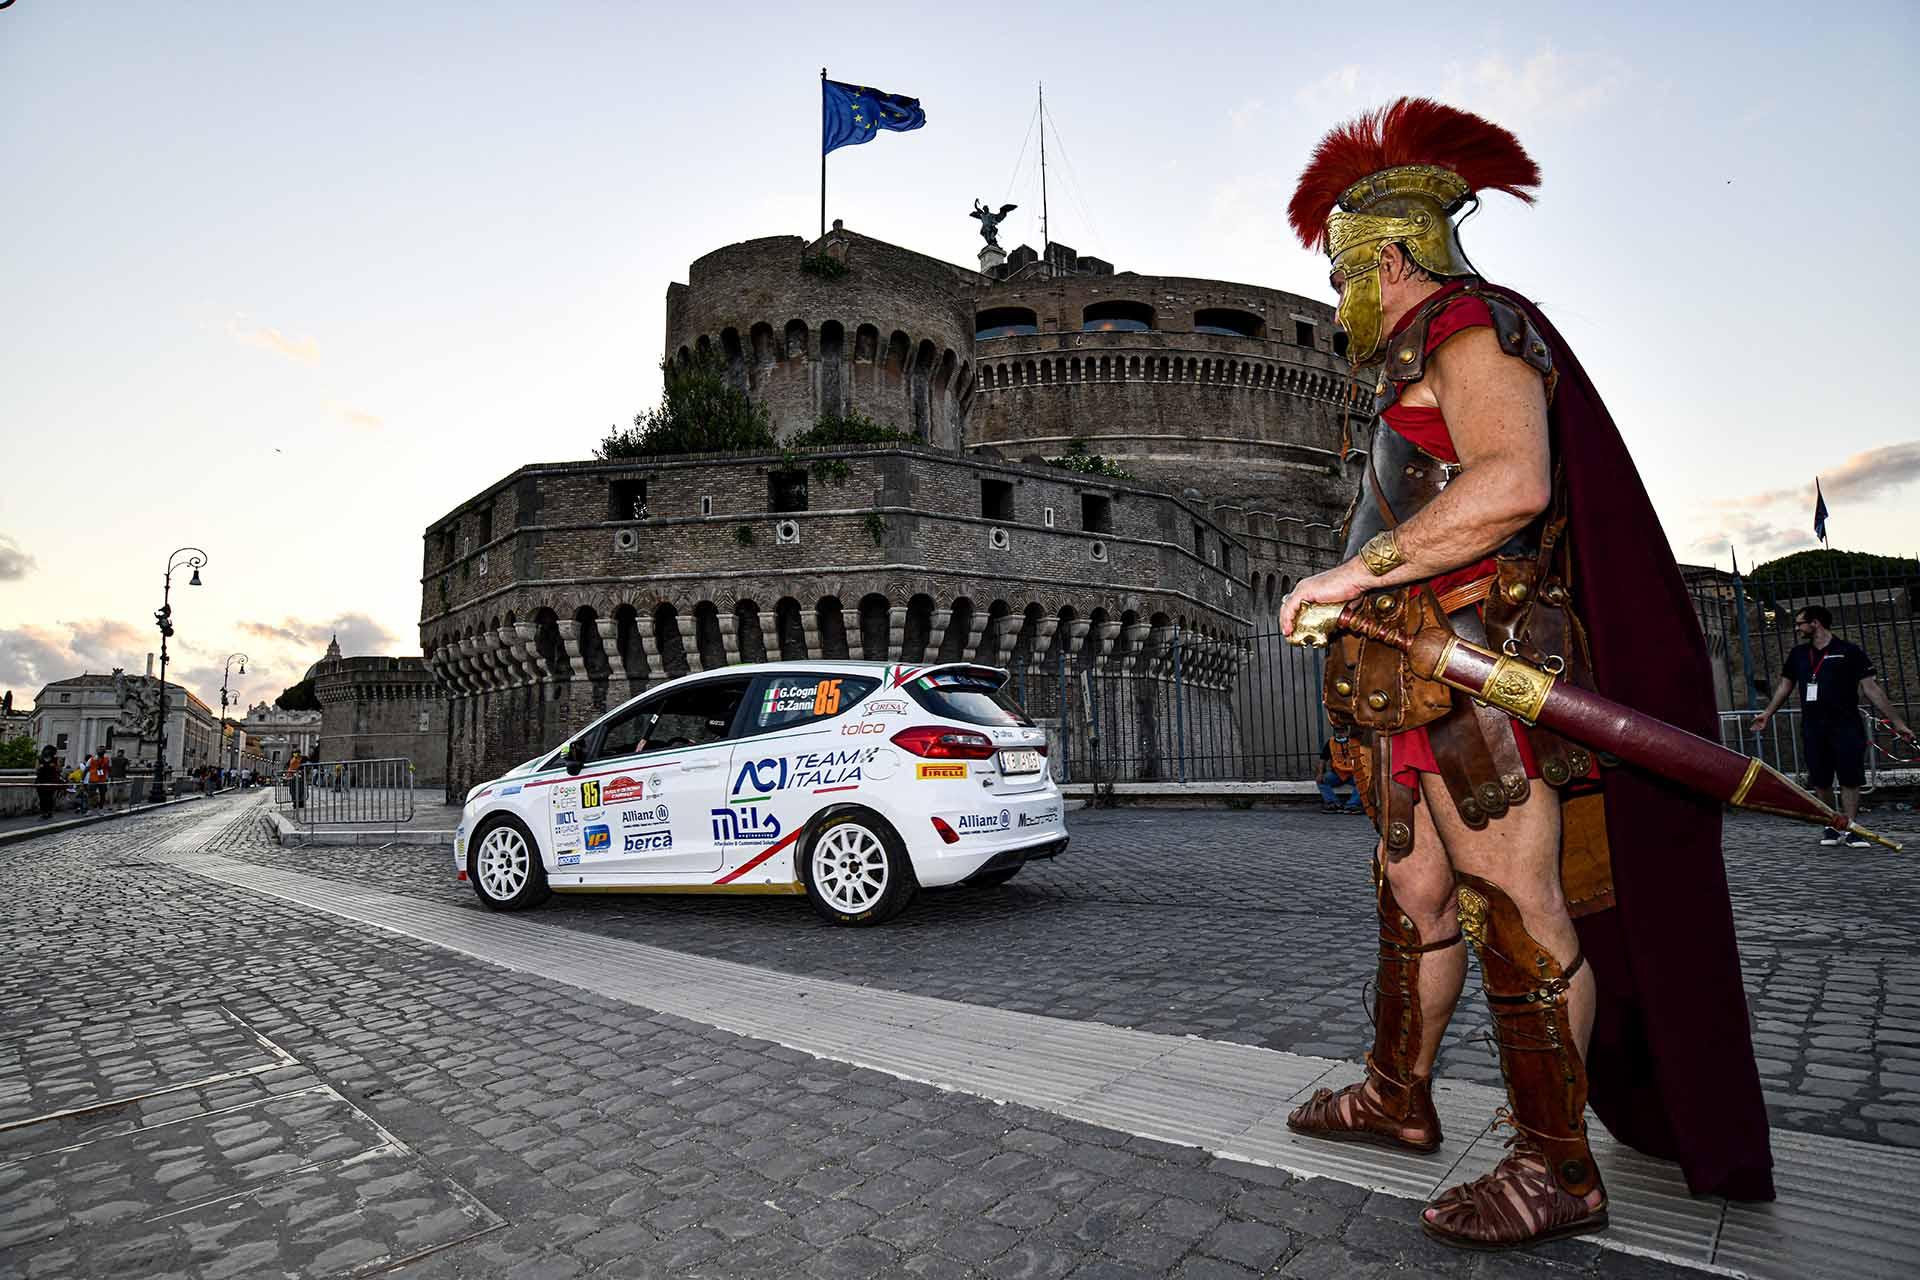 Rally di Roma, Mazzocchi e Rosso sulle Ford Fiesta primi vincitori del CIR Junior